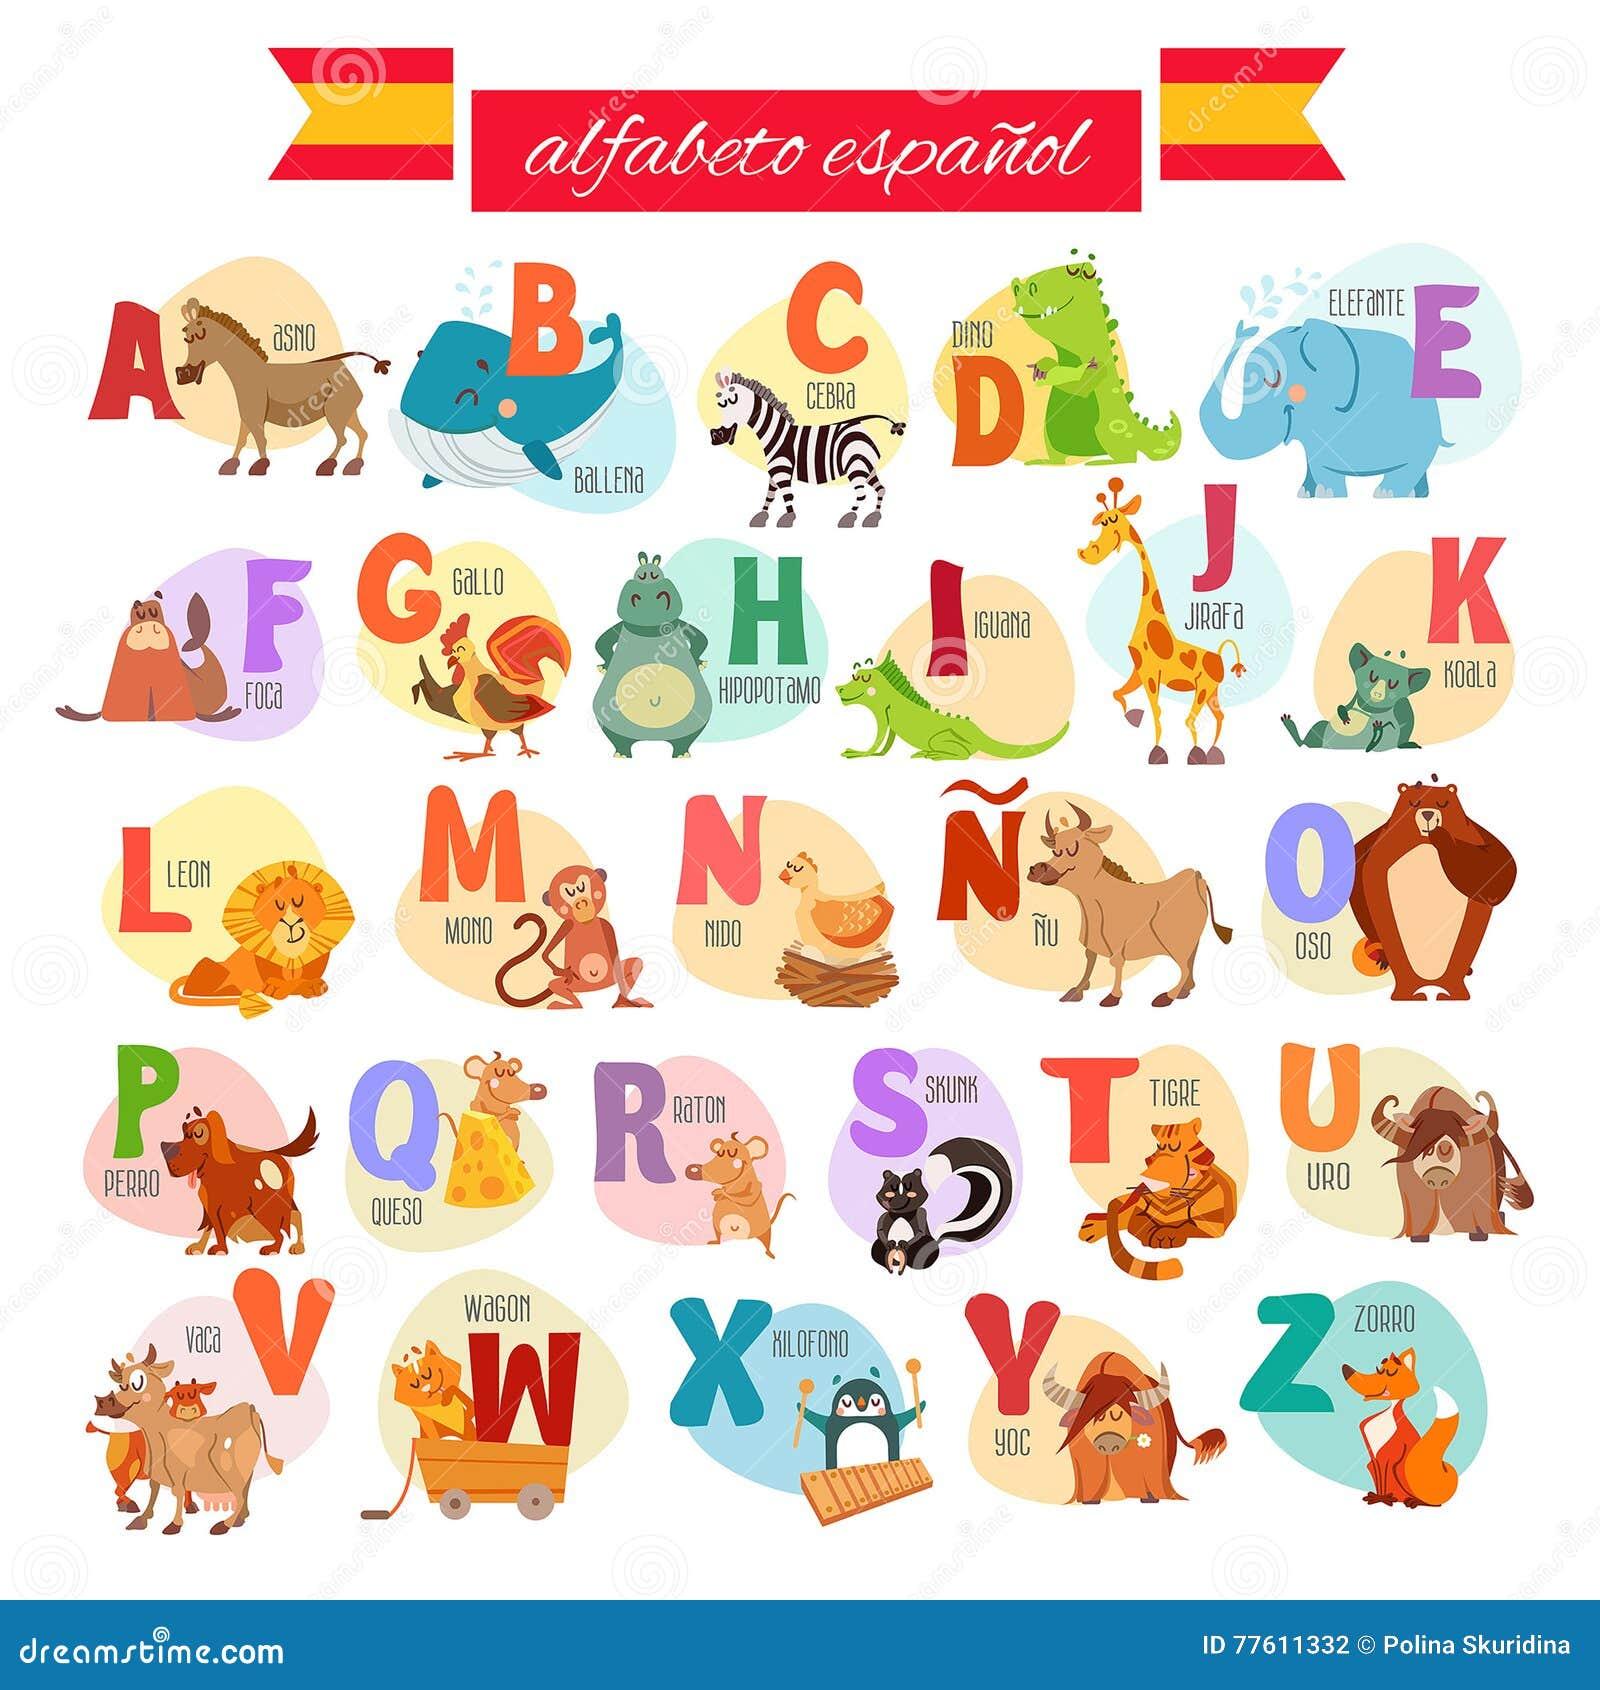 ABC Español Para La Educación Preescolar Ilustración del